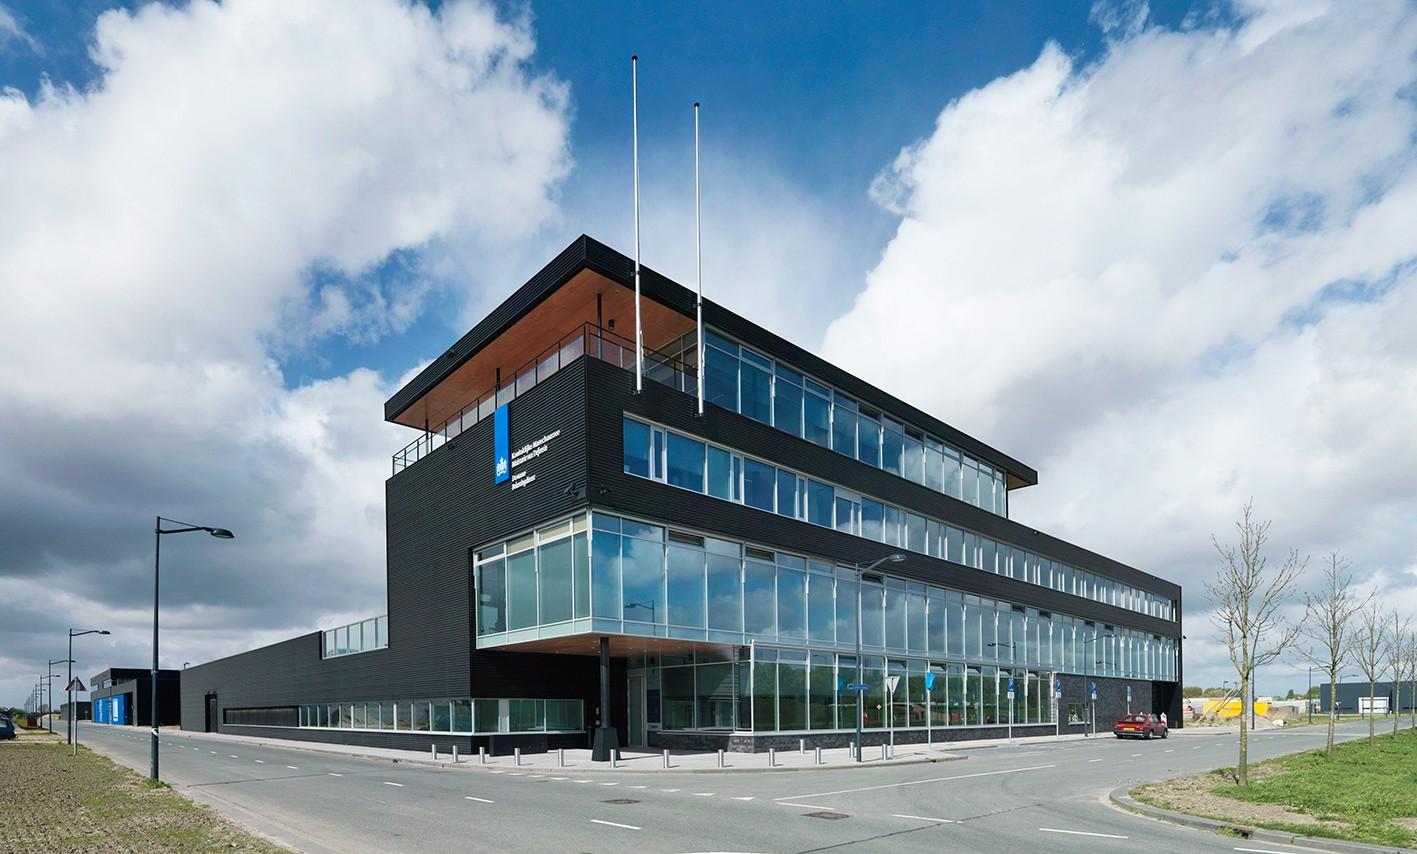 Koninklijke-Marechaussee-Rotterdam